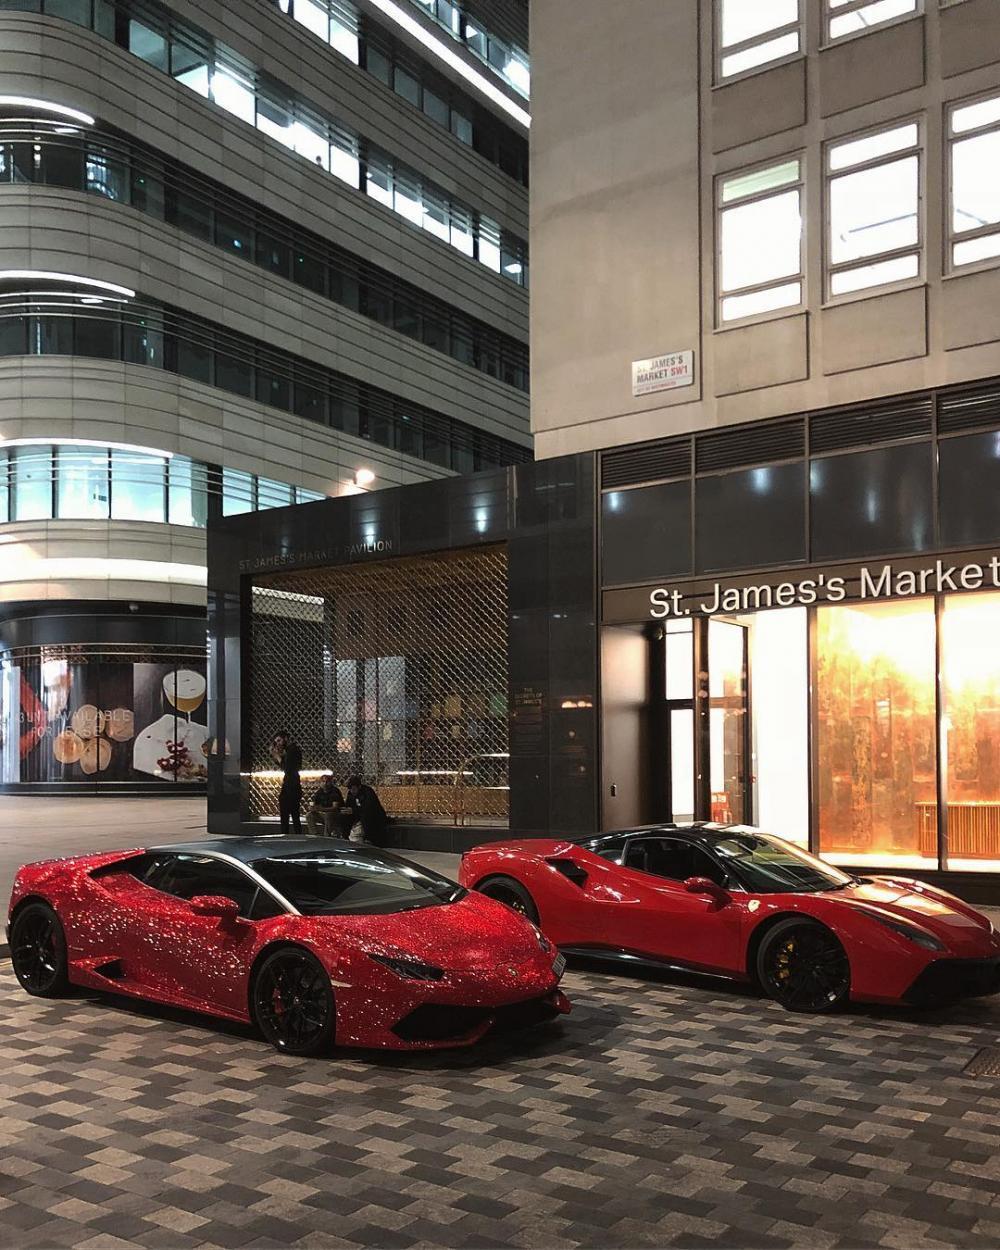 Siêu xe Lamborghini Aventador SV nạm 2 triệu viên pha lê